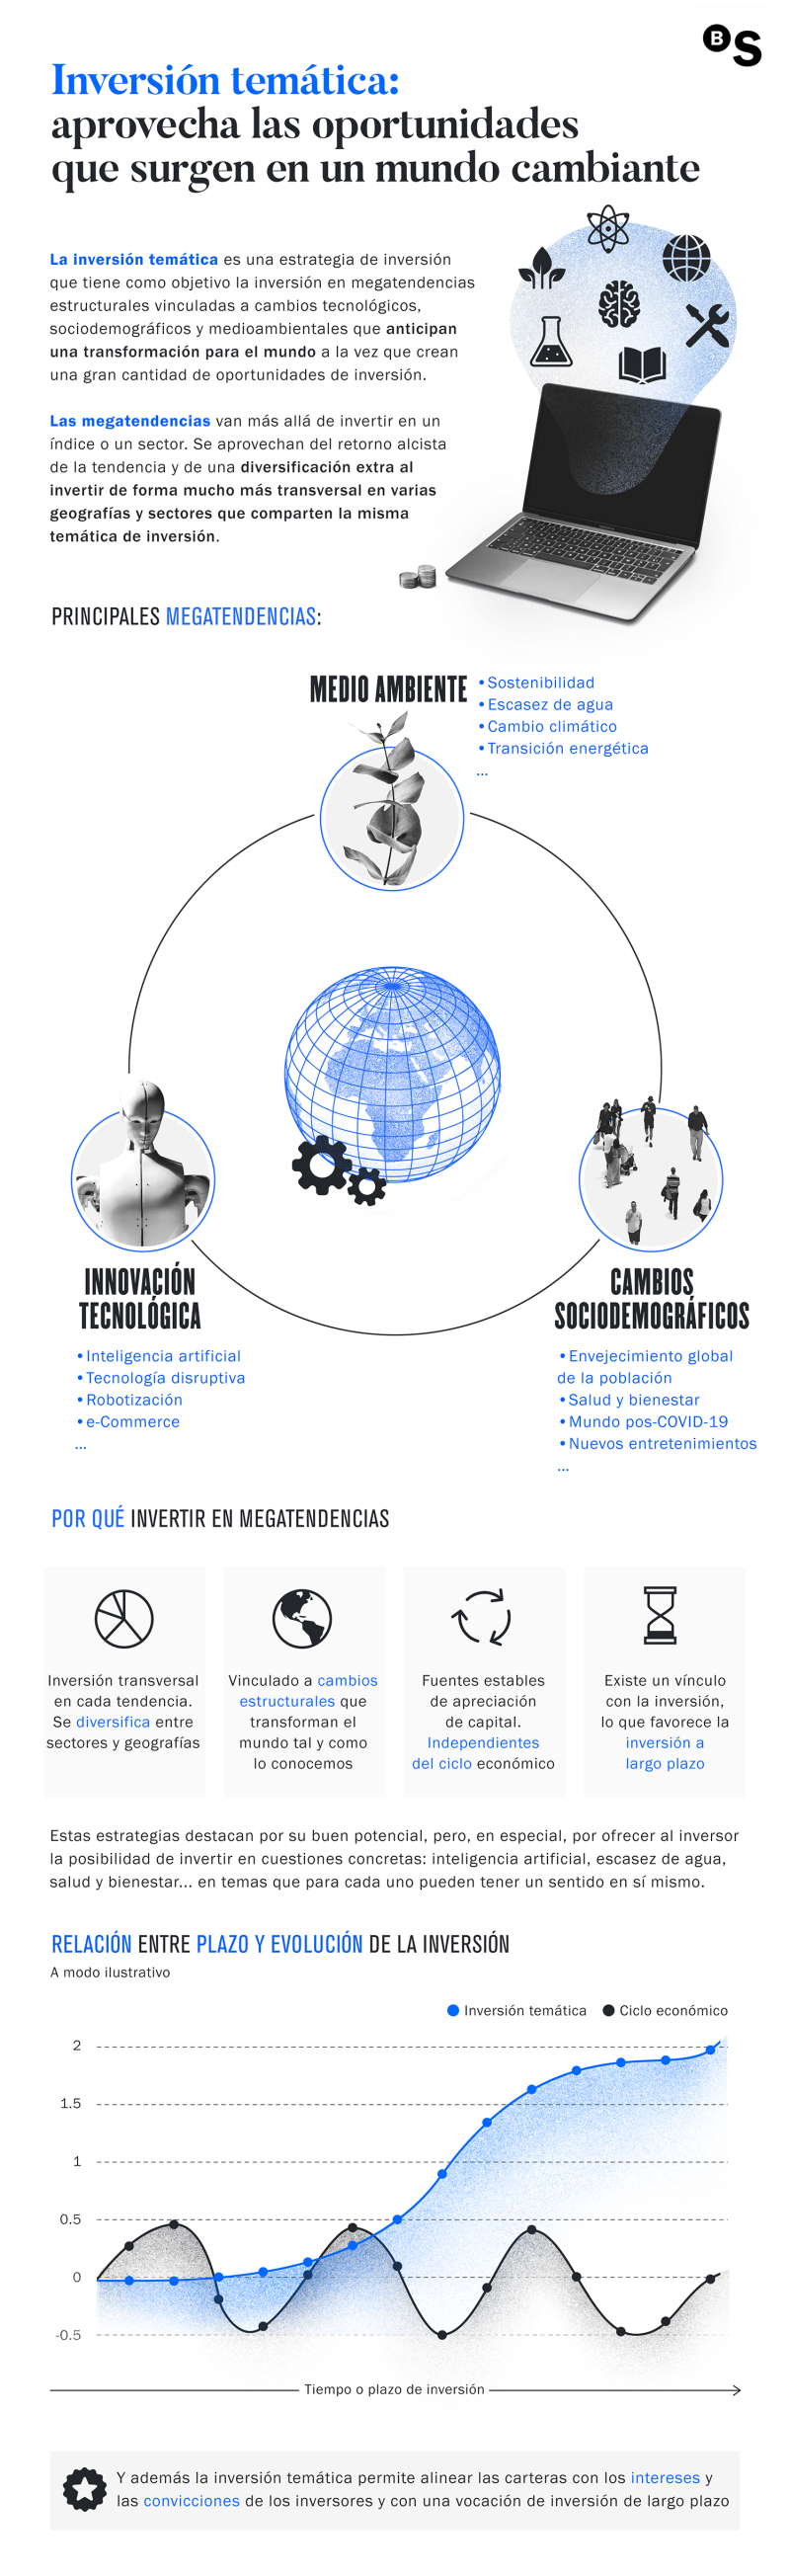 Blog_InversionTematica_ES